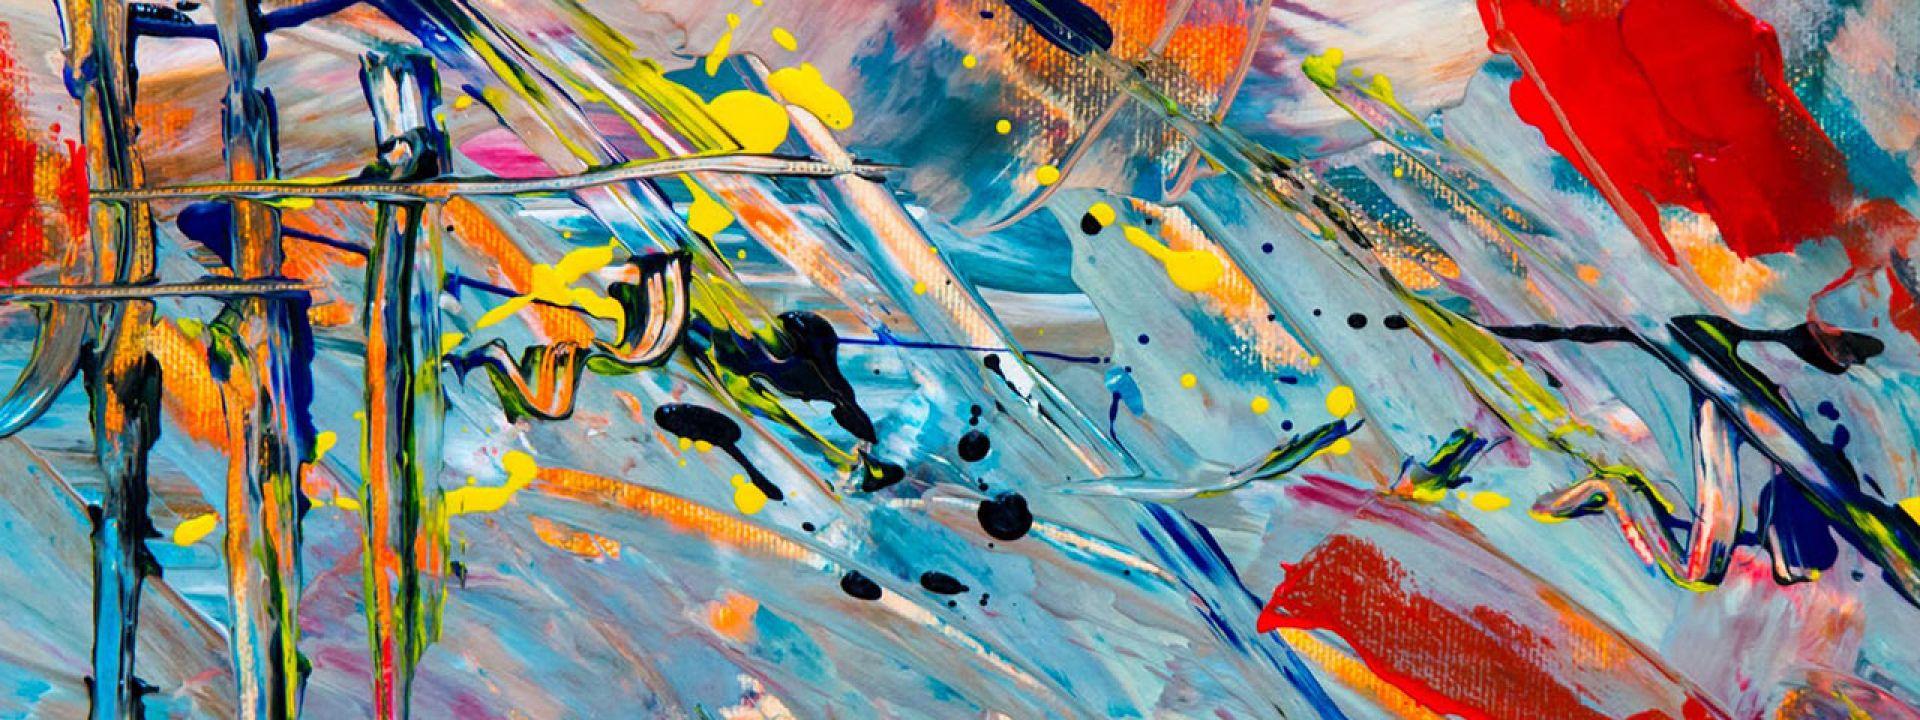 Φωτογραφία που απεικονίζει ποικίλα χρώματα